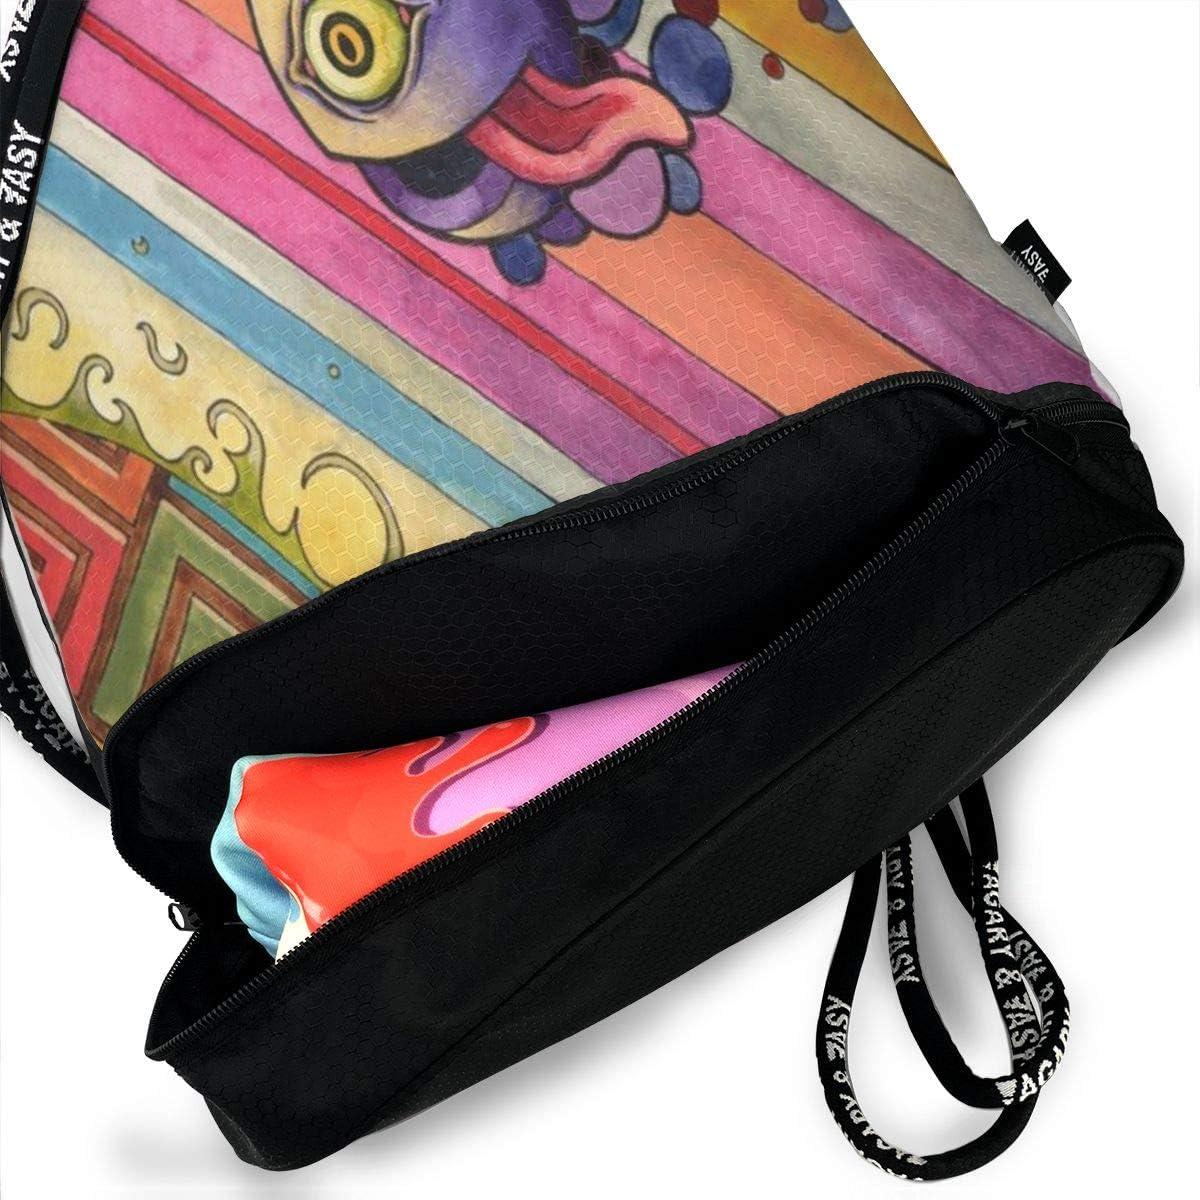 Drawstring Backpack Whimsy Bags Knapsack For Hiking